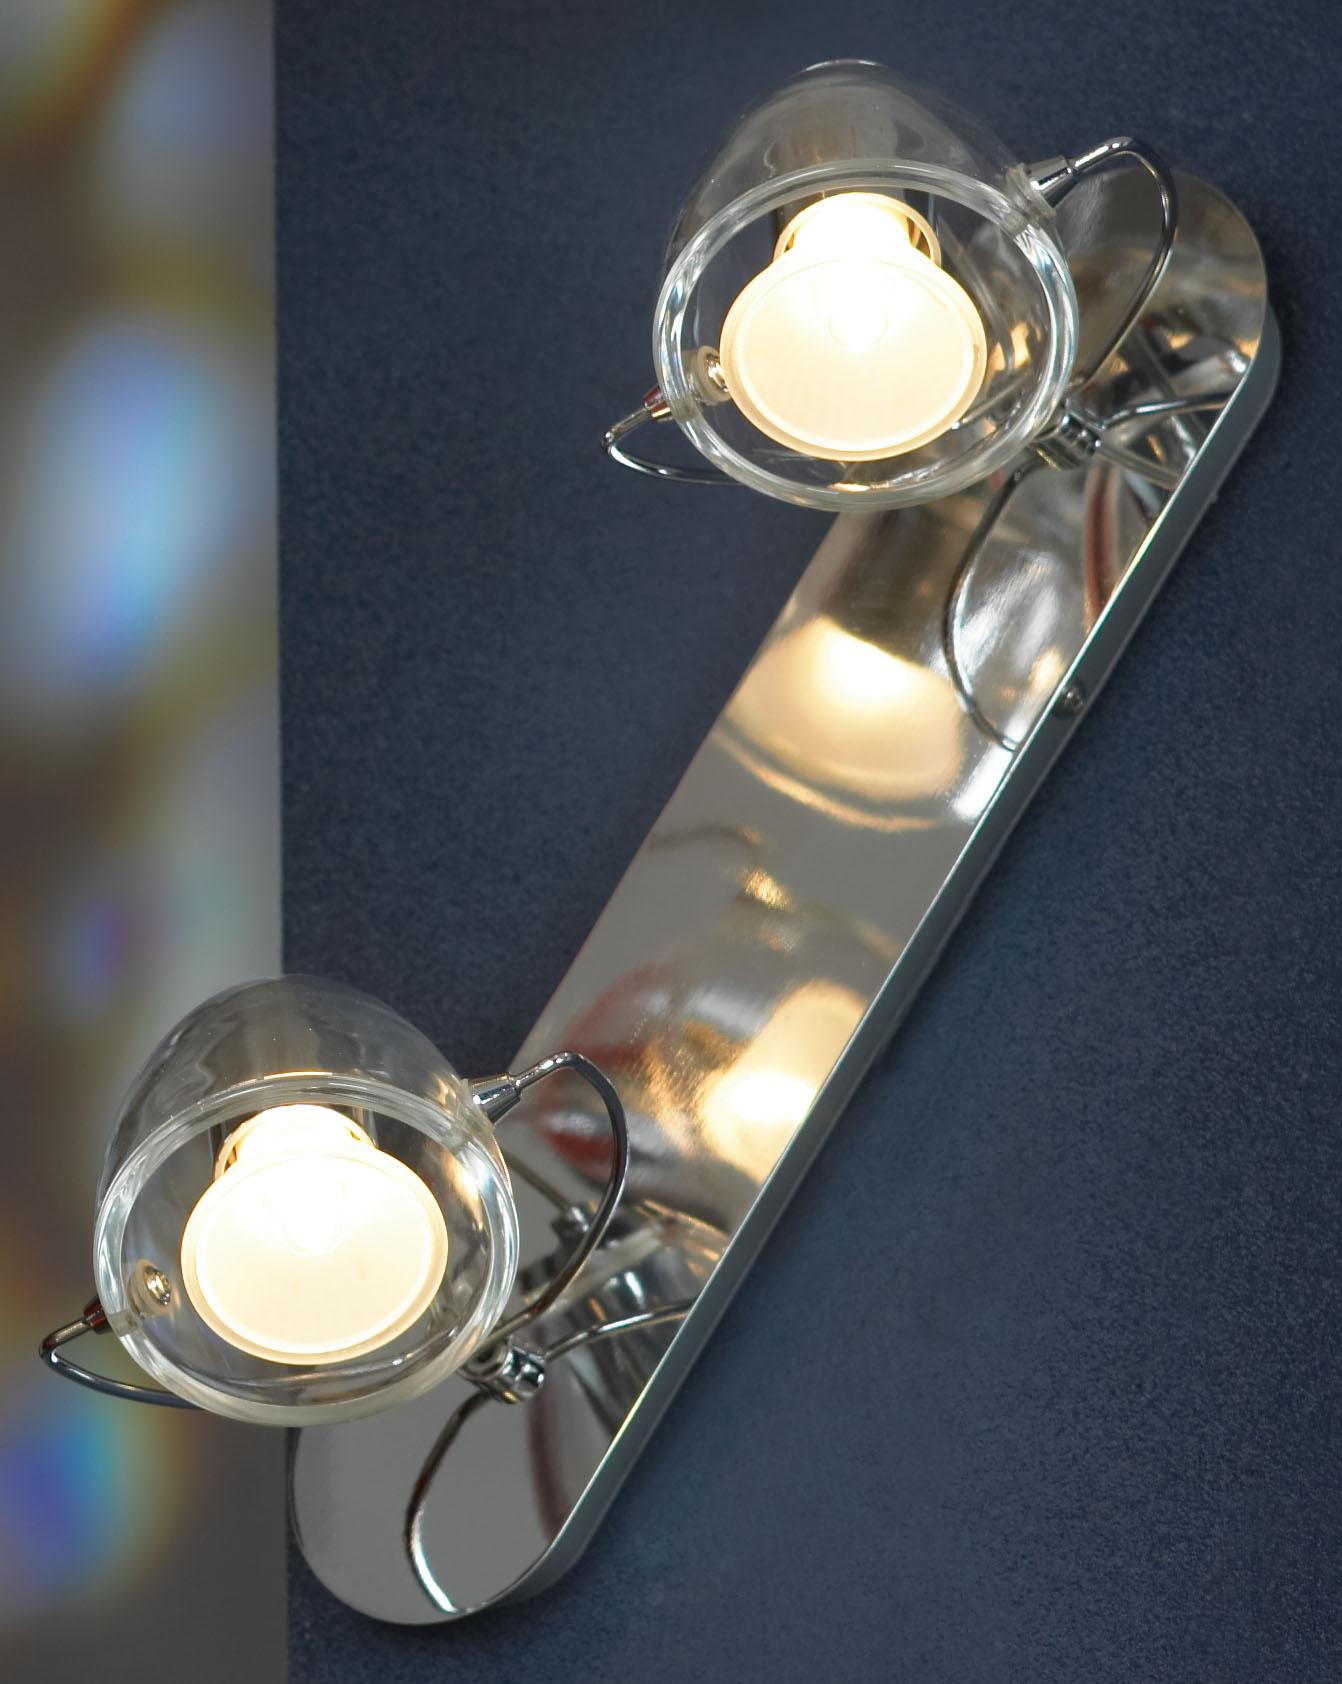 Спот LussoleСпоты<br>Тип: спот, Стиль светильника: модерн, Материал светильника: металл, стекло, Количество ламп: 2, Тип лампы: галогенная, Мощность: 50, Патрон: GU10, Цвет арматуры: хром, Ширина: 100<br>